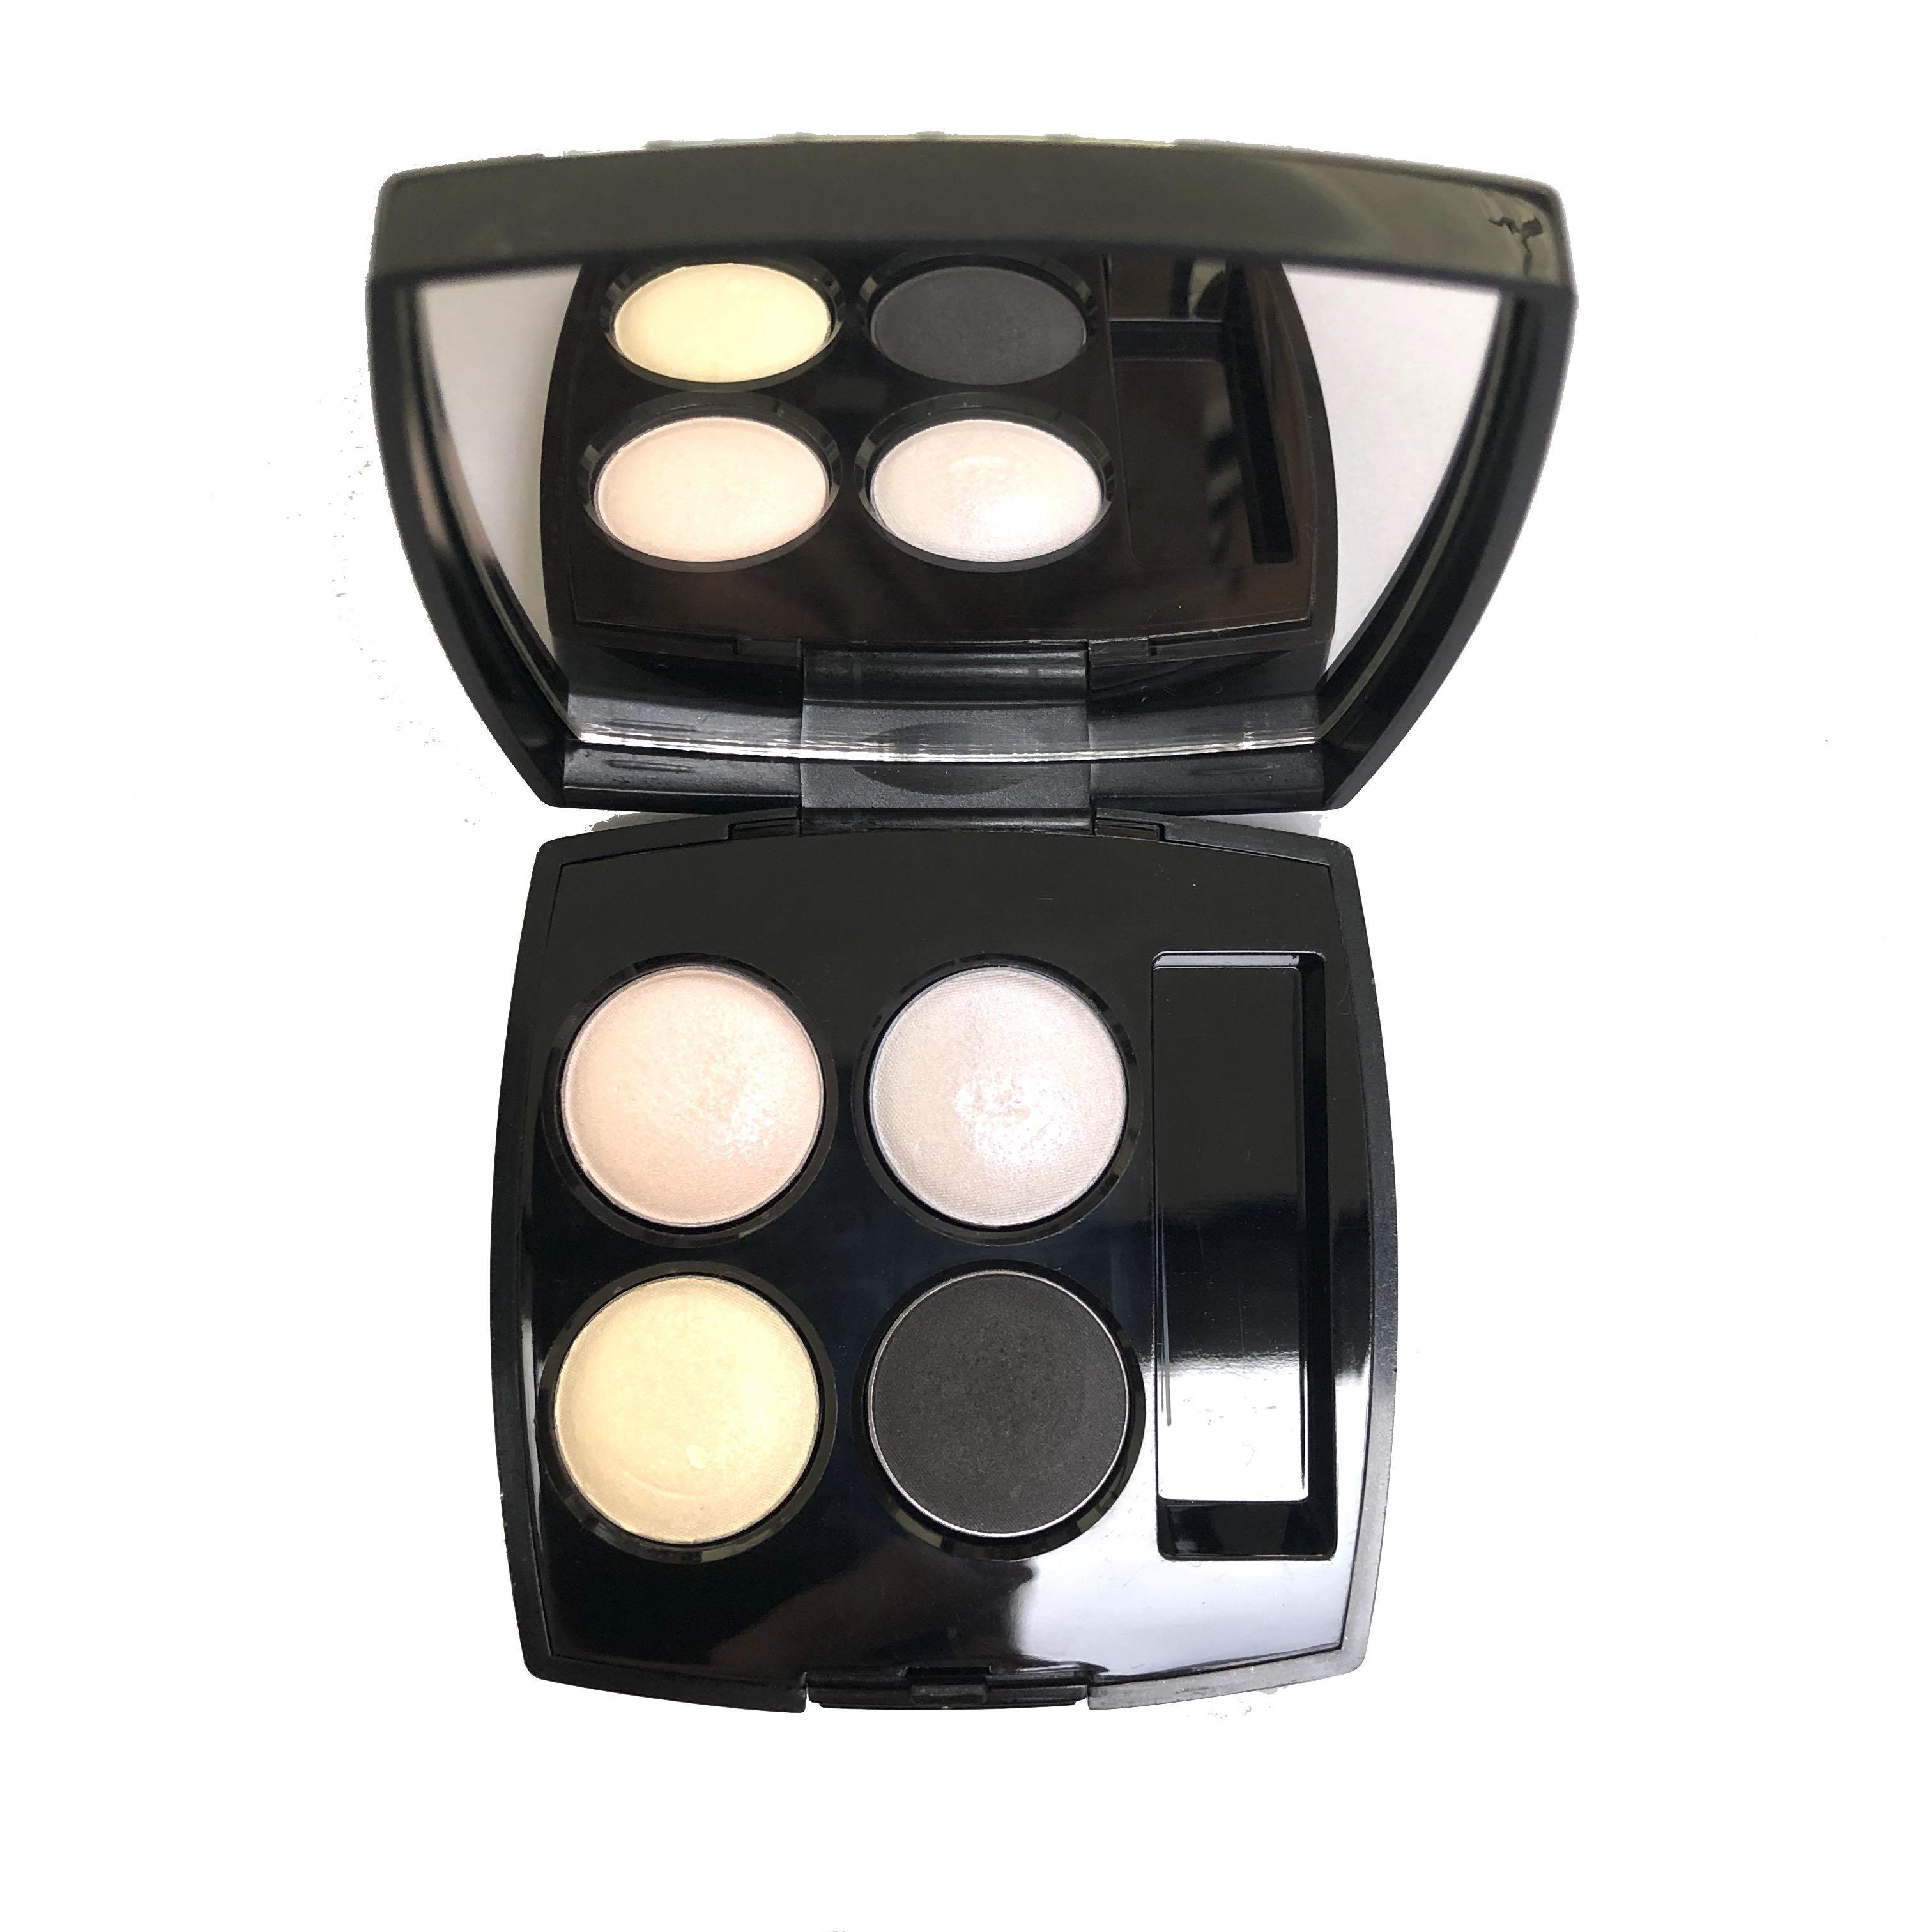 Chanel Les Quatre Ombres Quadra Eyeshadow Interferentiels